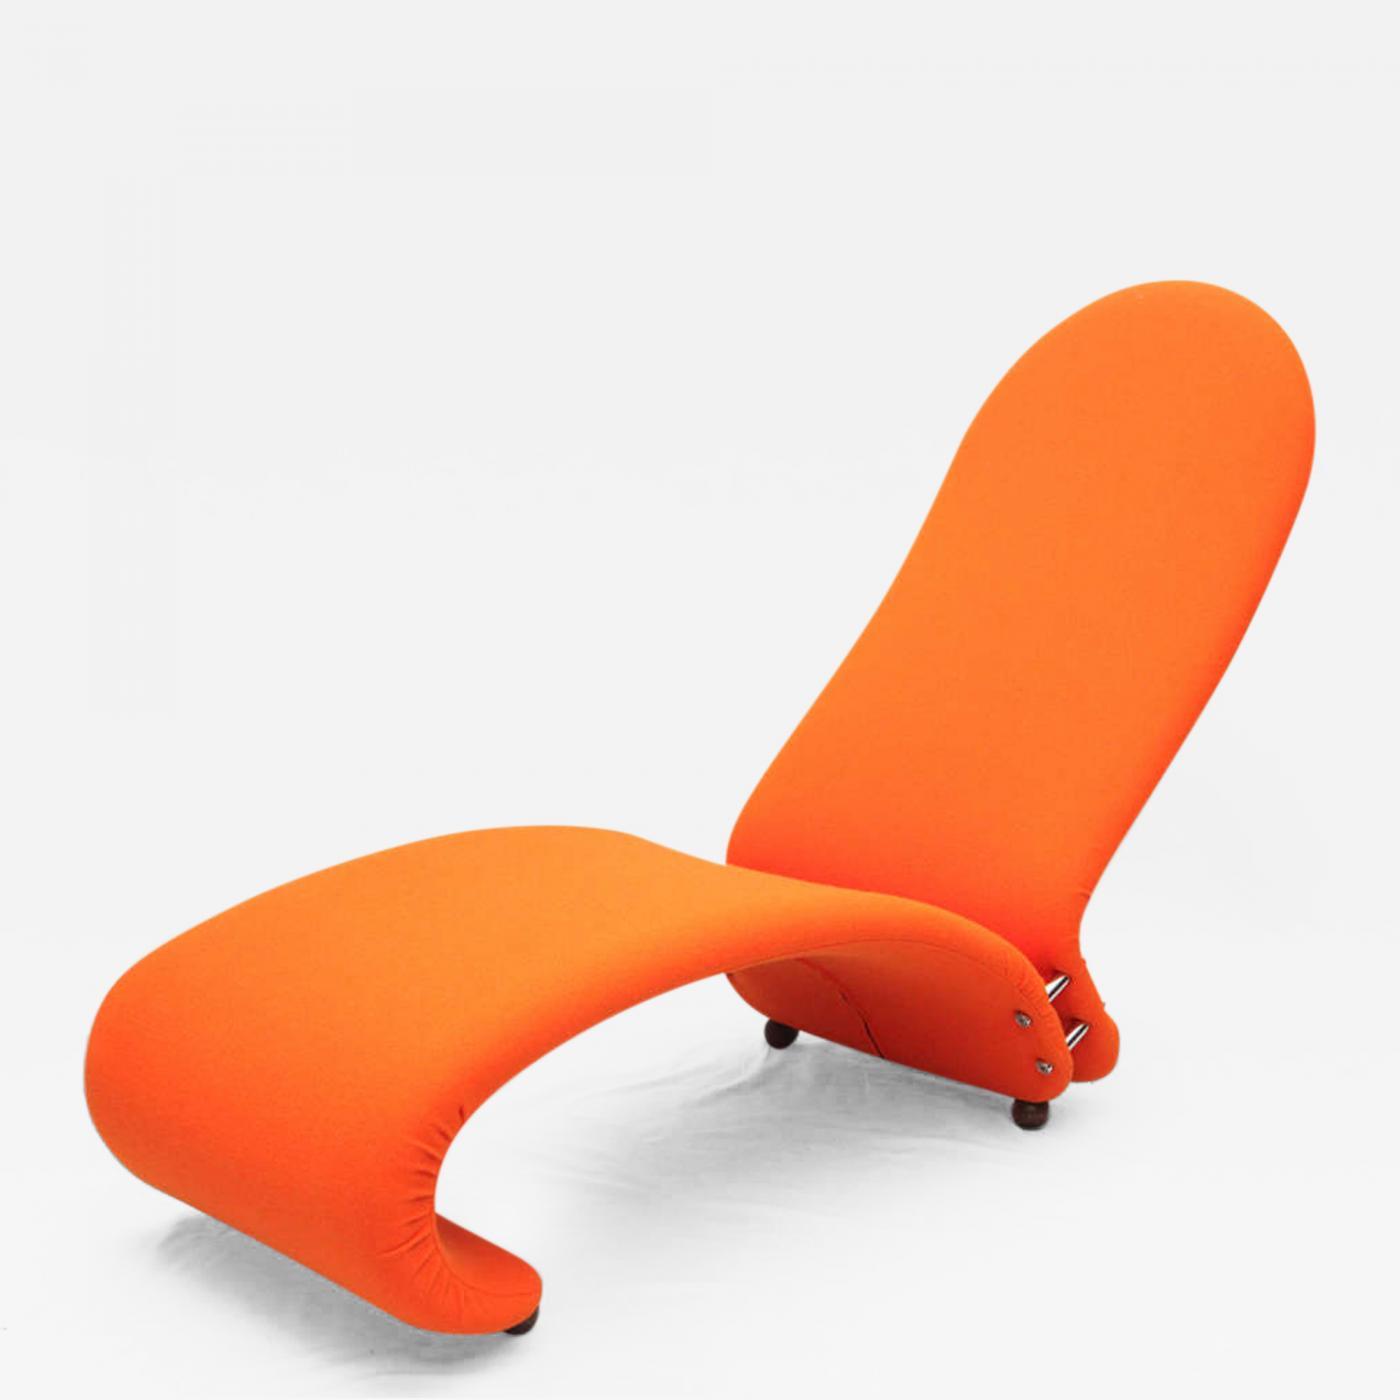 verner panton verner panton chaise. Black Bedroom Furniture Sets. Home Design Ideas